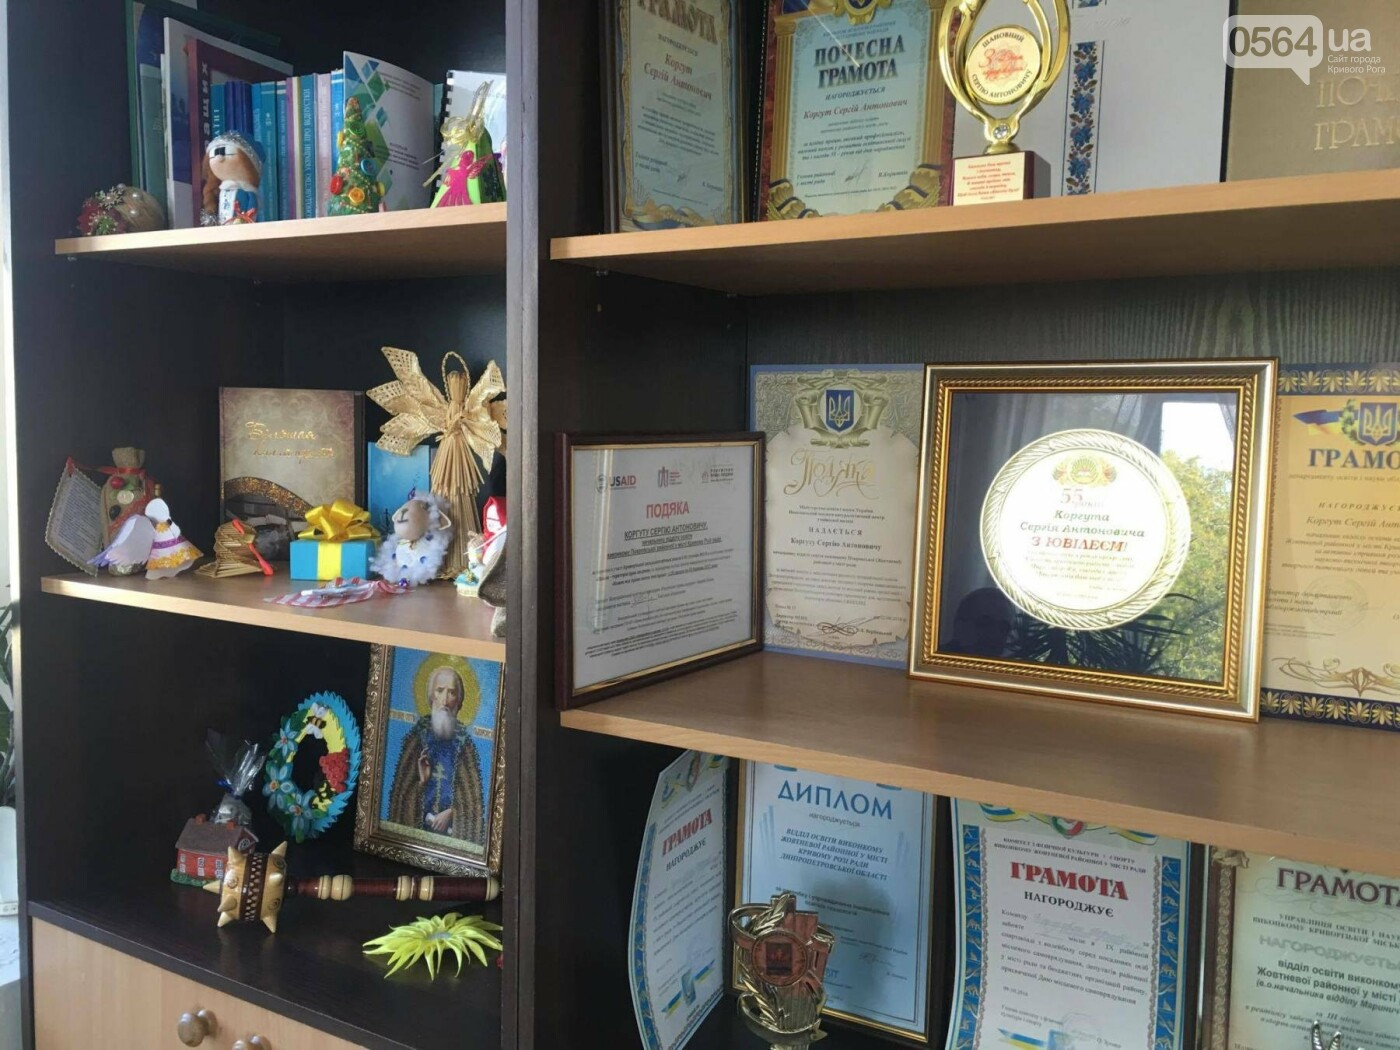 Фирма, кормившая криворожских школьников некачественным творогом, имела сертификаты (ФОТО), фото-6